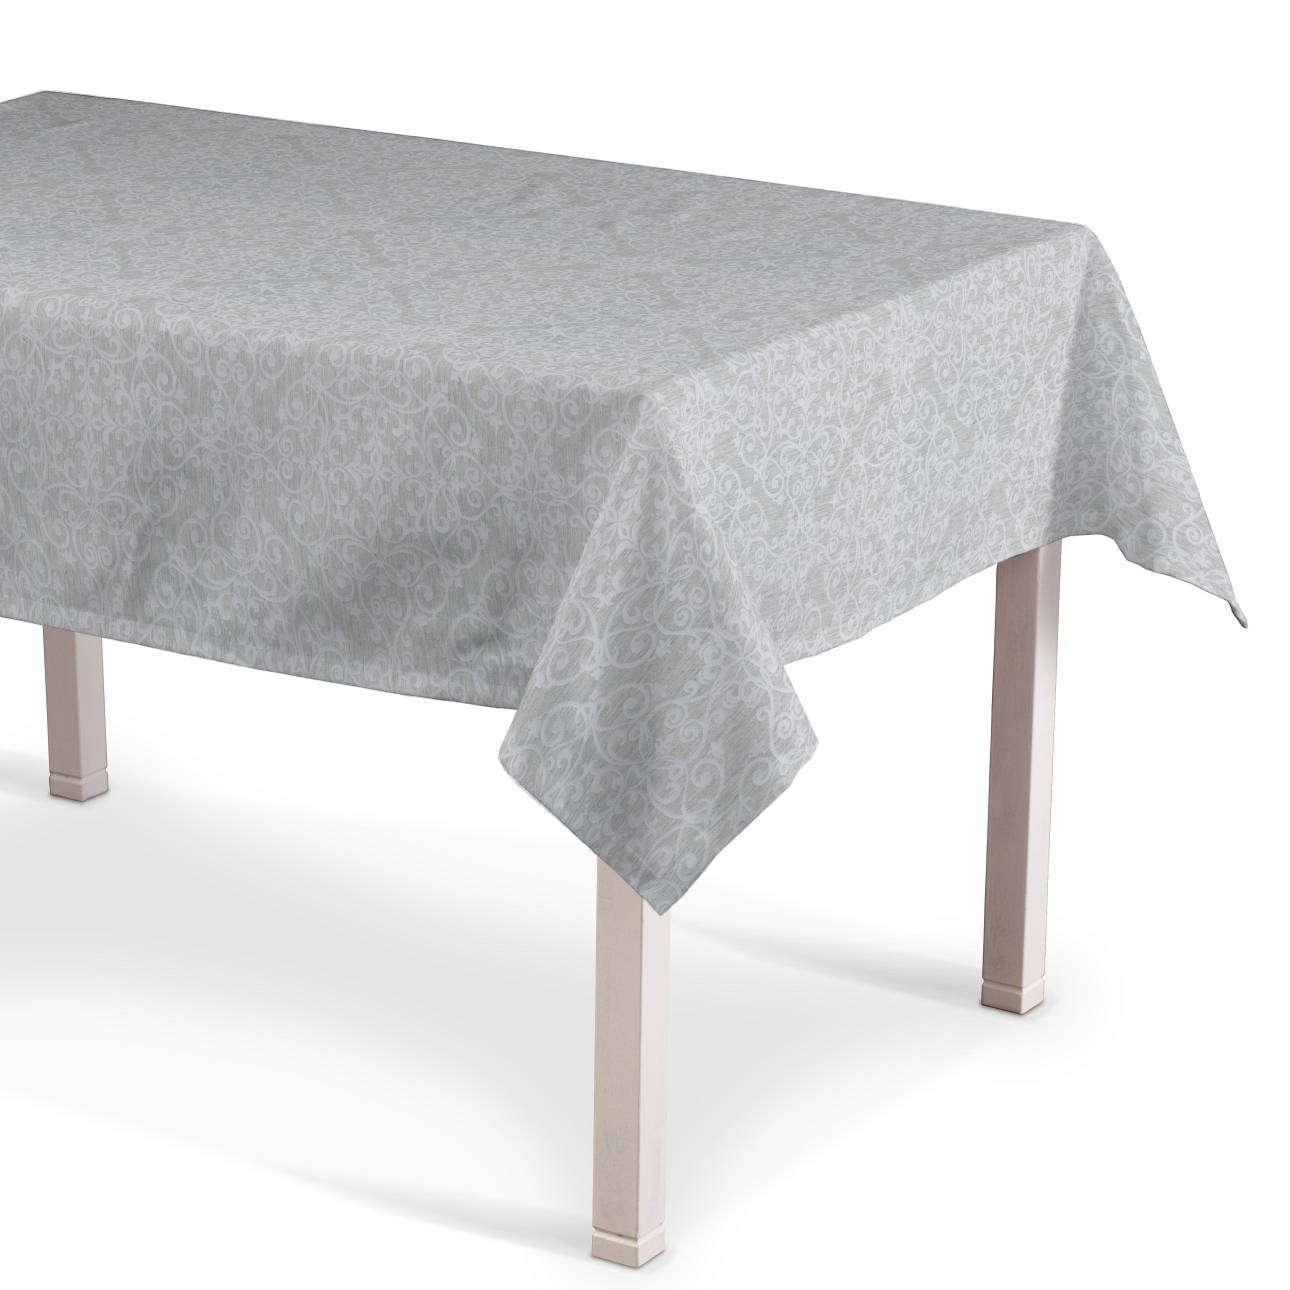 Staltiesės (stalui su kampais) 130 x 130 cm kolekcijoje Venice, audinys: 140-49